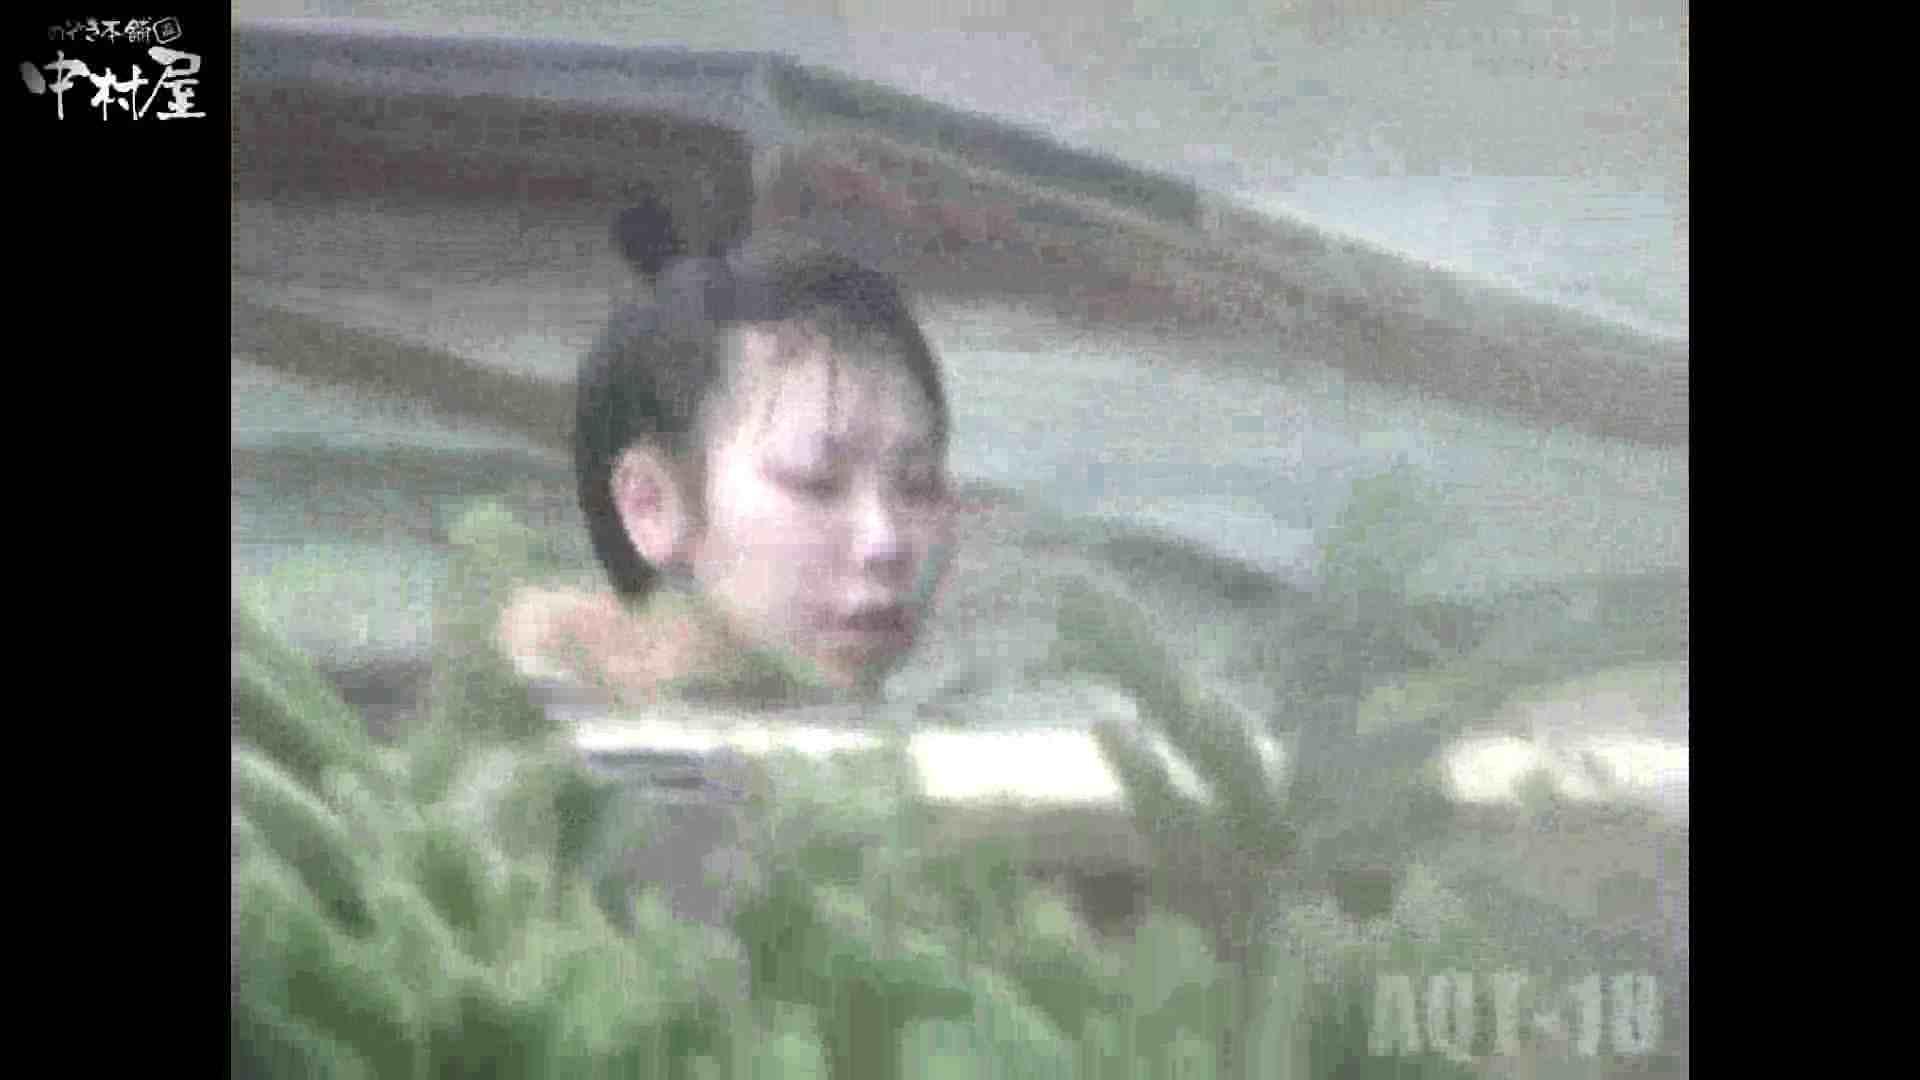 Aquaな露天風呂Vol.882潜入盗撮露天風呂十八判湯 其の二 OLのエロ生活 おめこ無修正動画無料 39連発 34